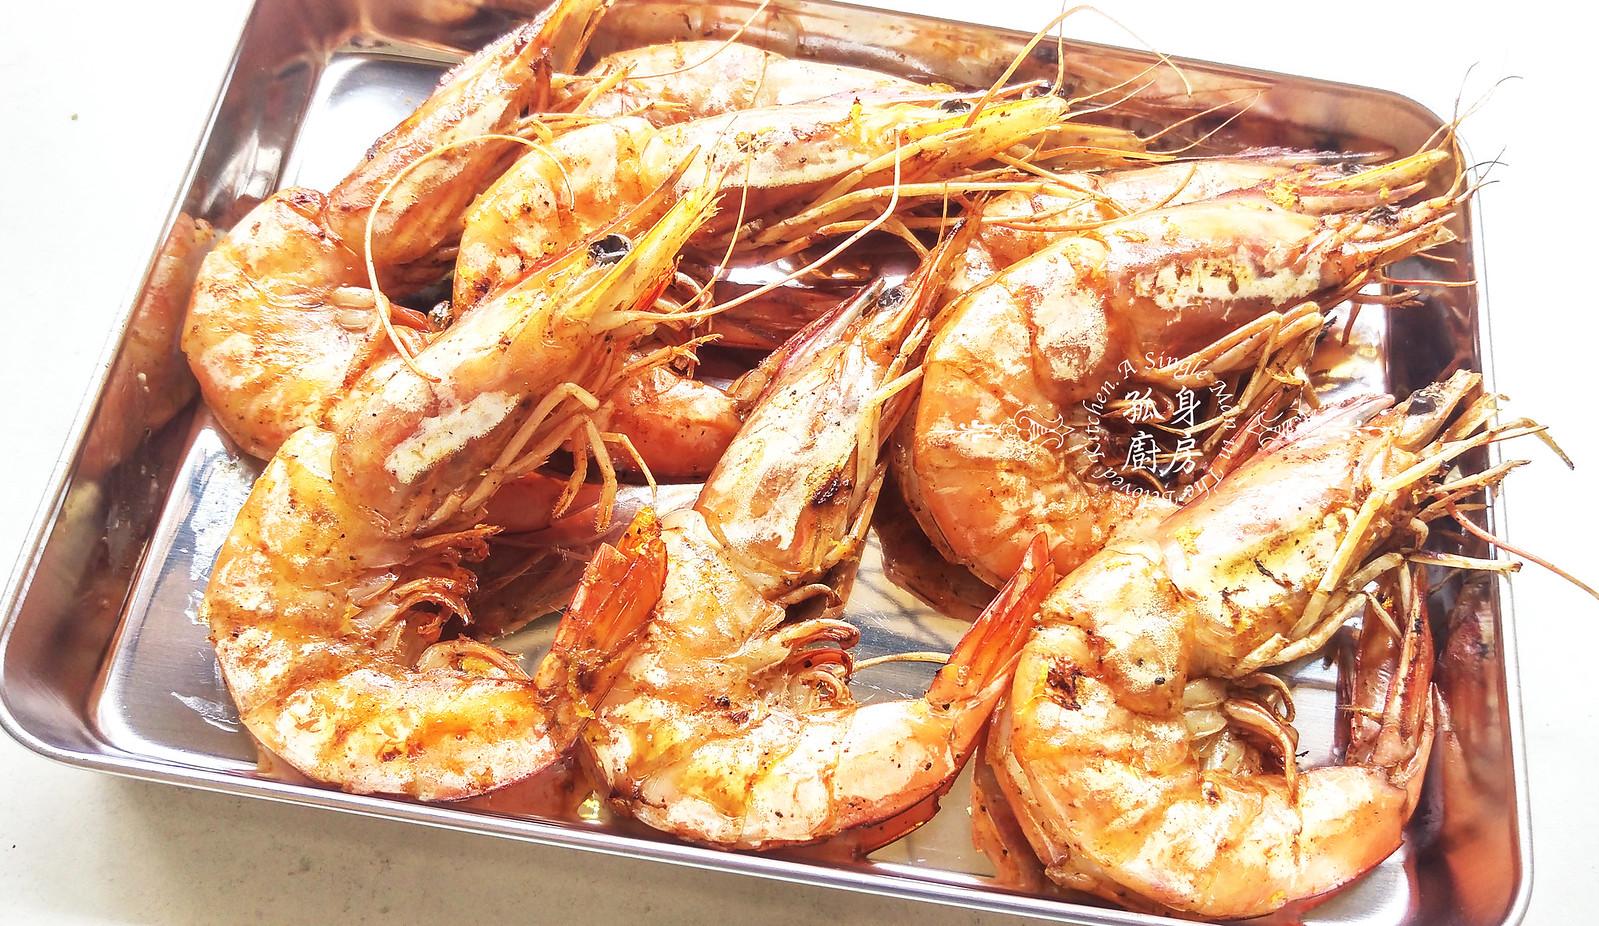 孤身廚房-墨西哥烤紅爐蝦酪梨芒果莎莎醬塔可(下)-烤紅爐蝦酪梨芒果莎莎醬7